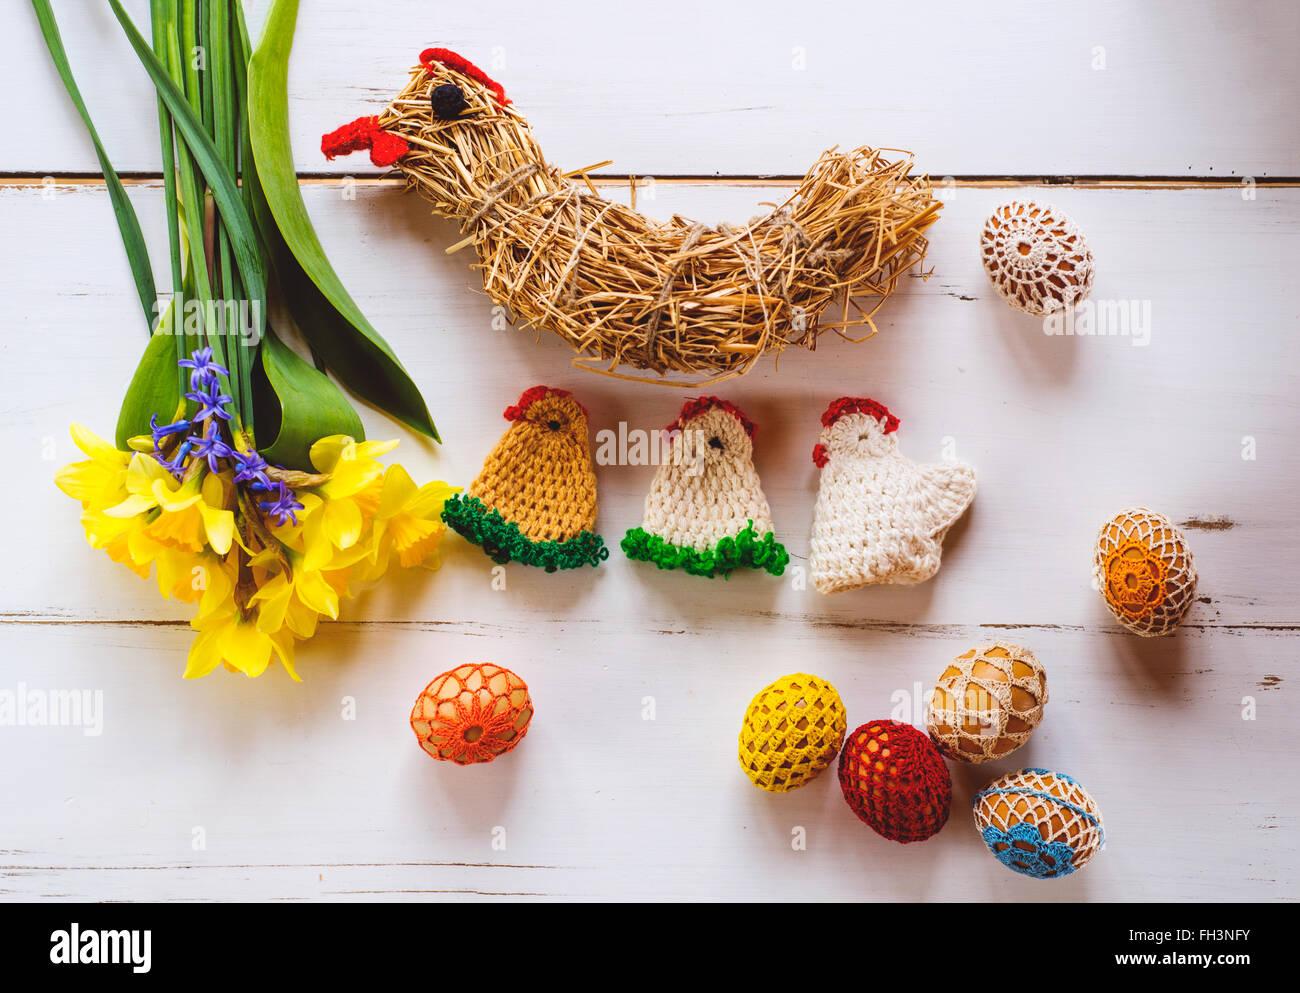 Maglia uova di Pasqua, polli e narcisi, sullo sfondo di legno Immagini Stock